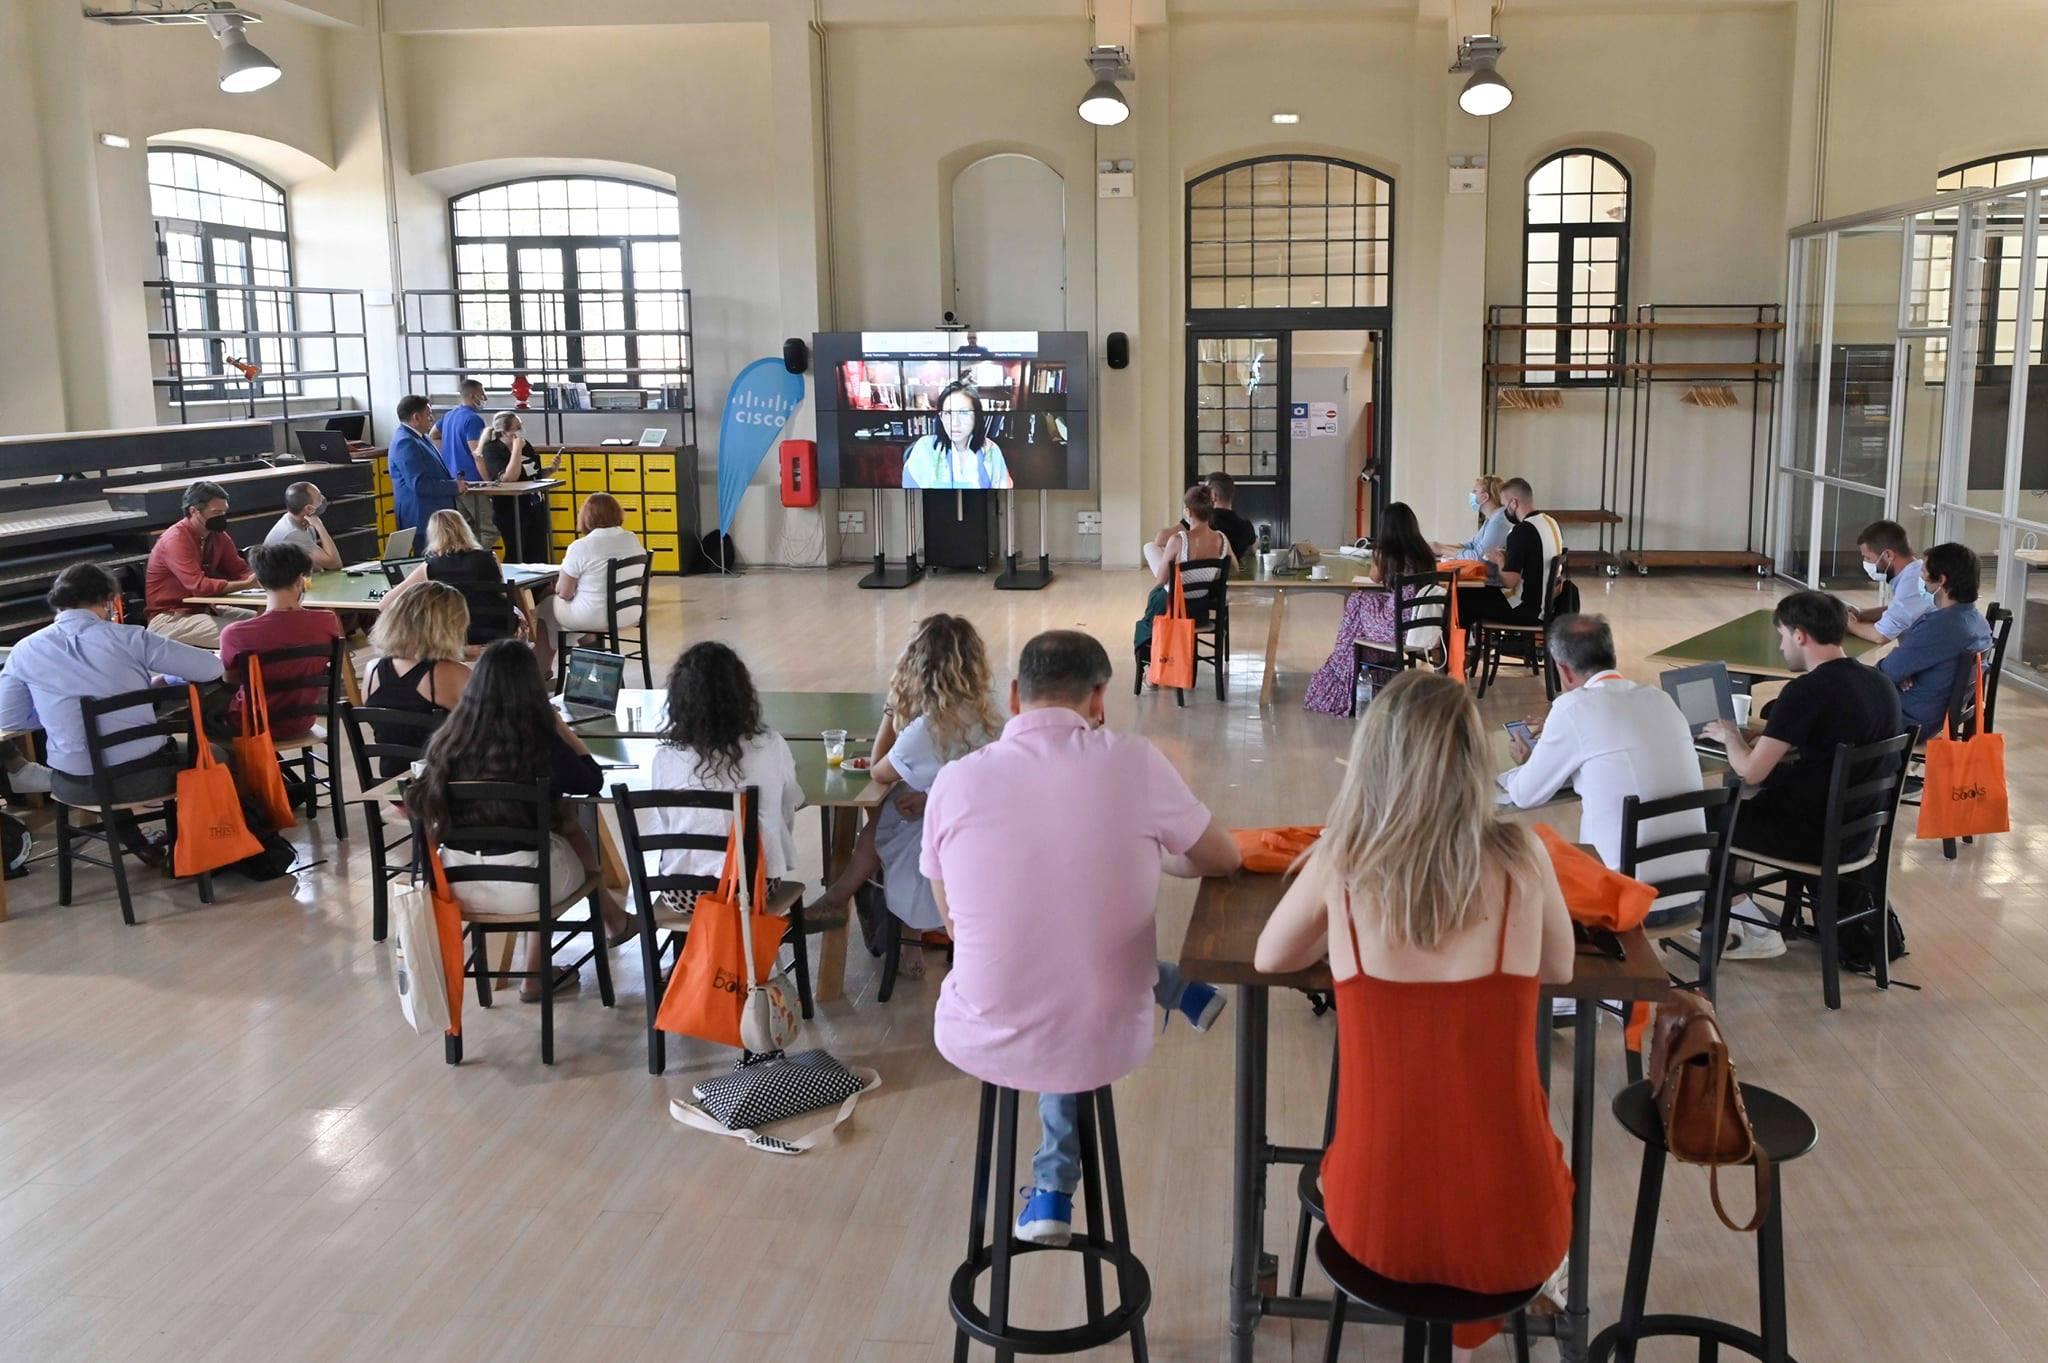 Συμμετοχή του Xanthi TechLab στη Thessaloniki International Media Summer Academy